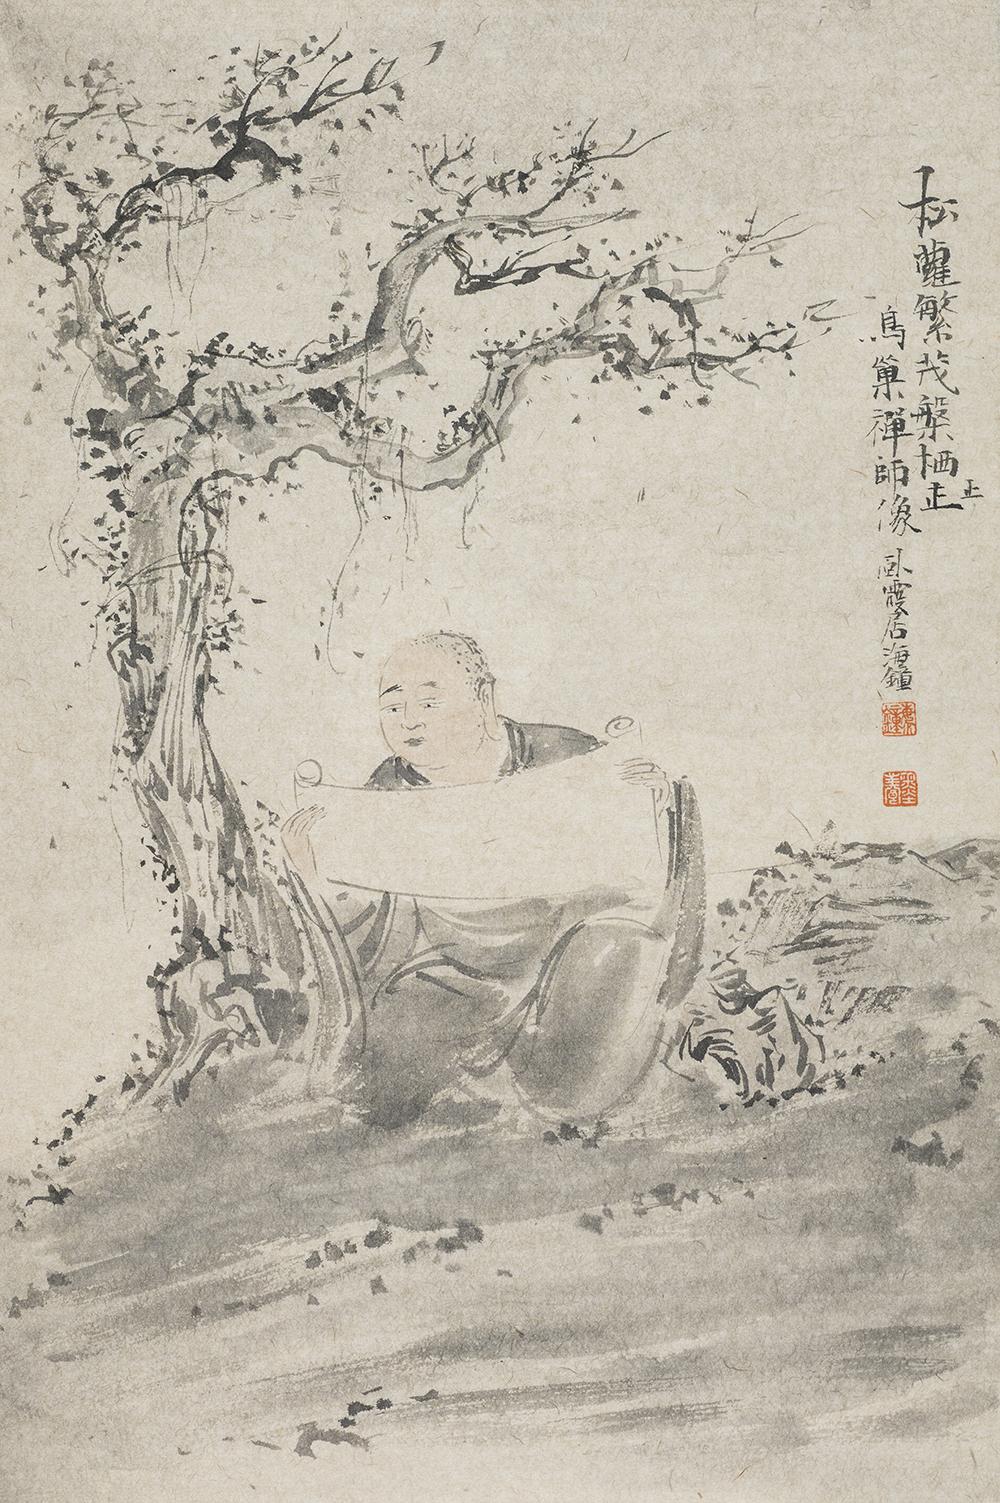 禅林宝相册 纸本水墨 22x34cm 9